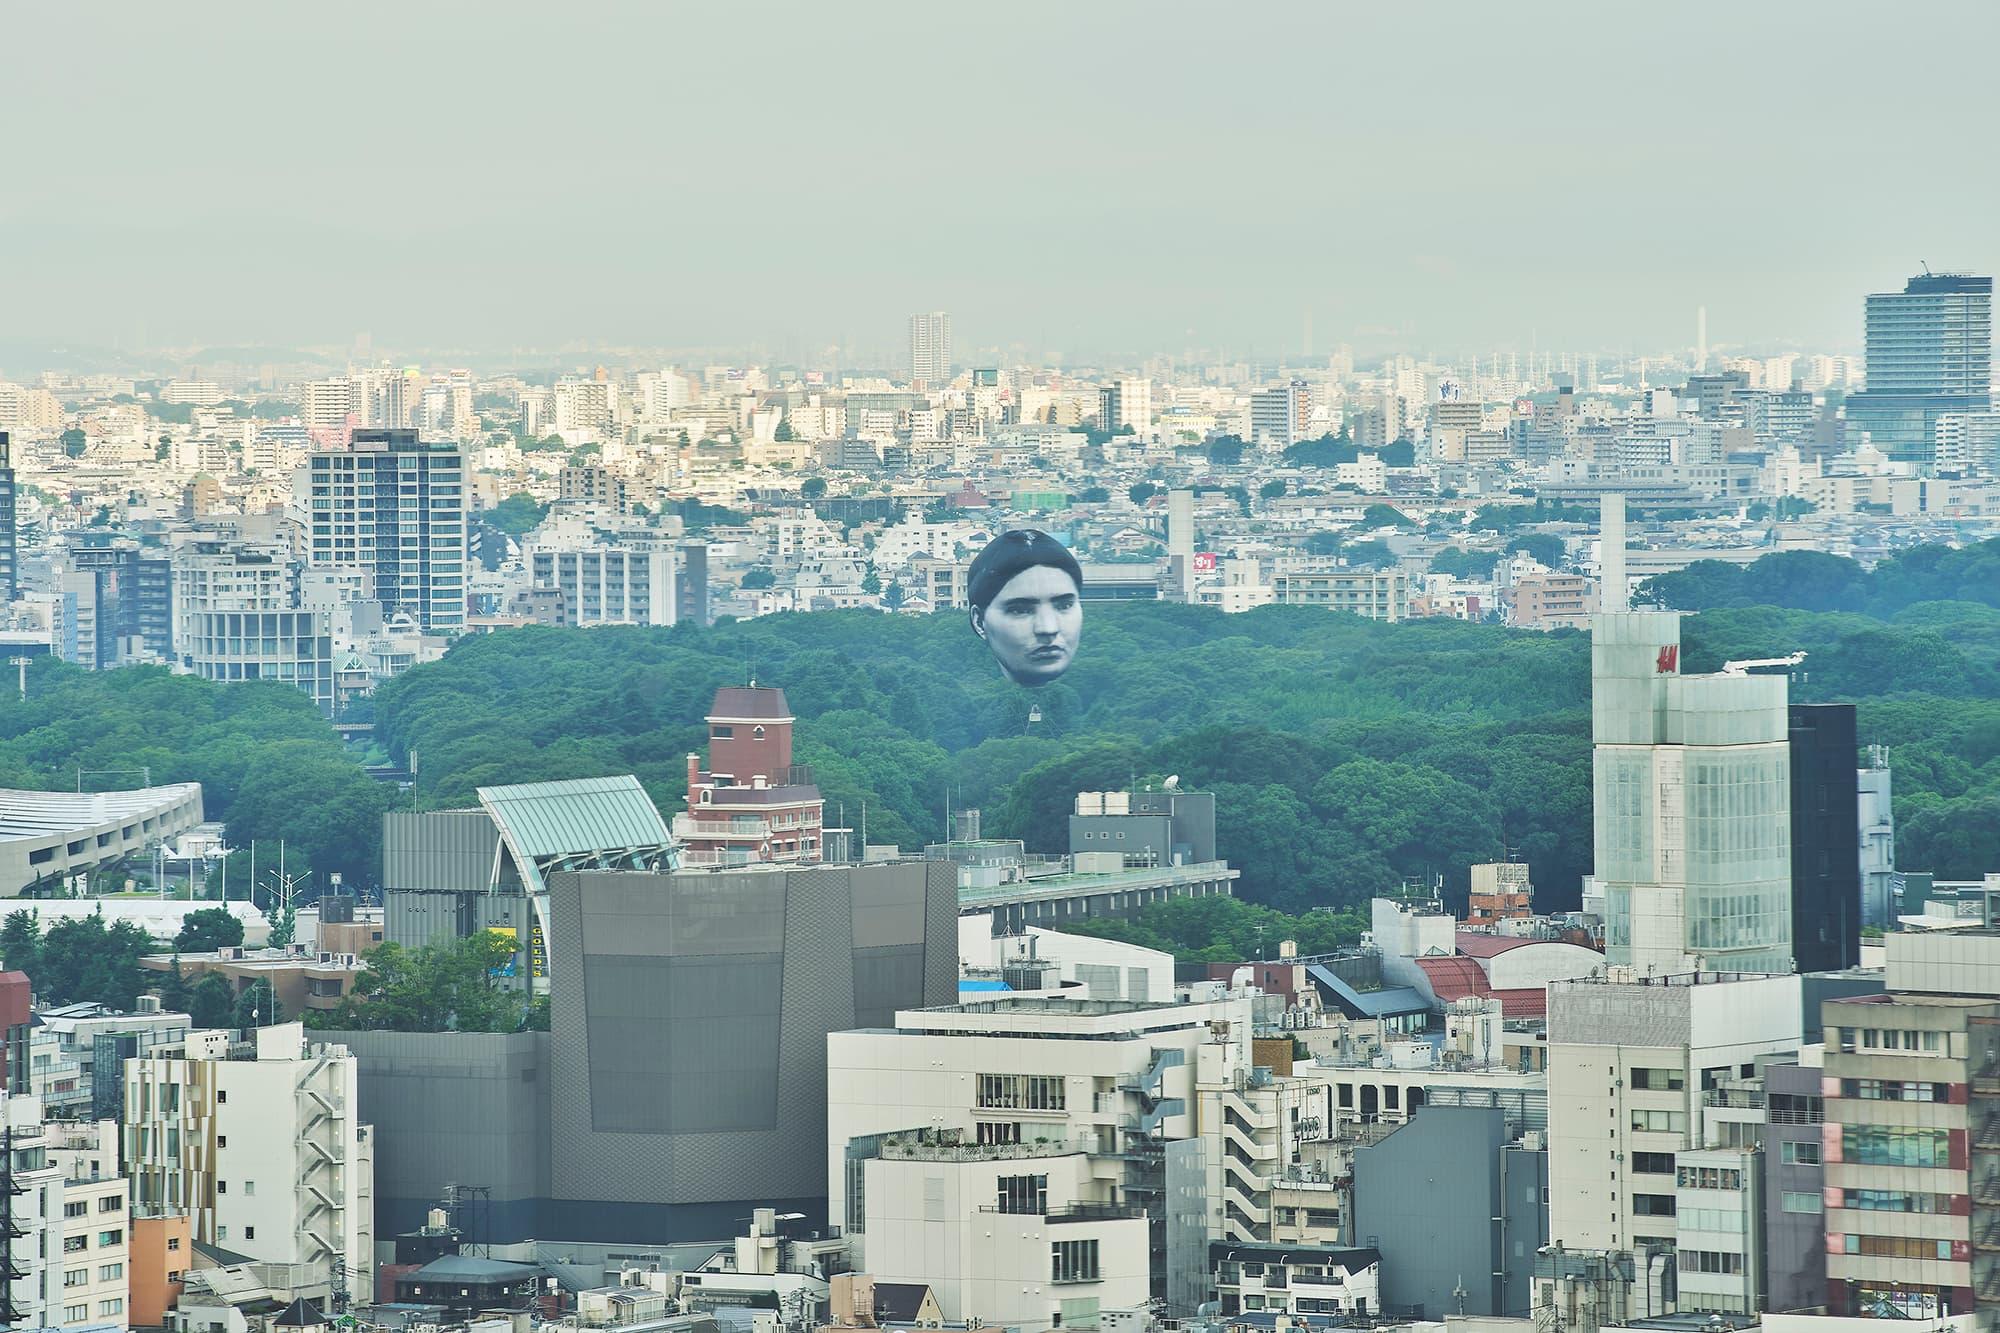 Снимок дня. Гигантская летающая голова в Токио, которая следит за пандемией